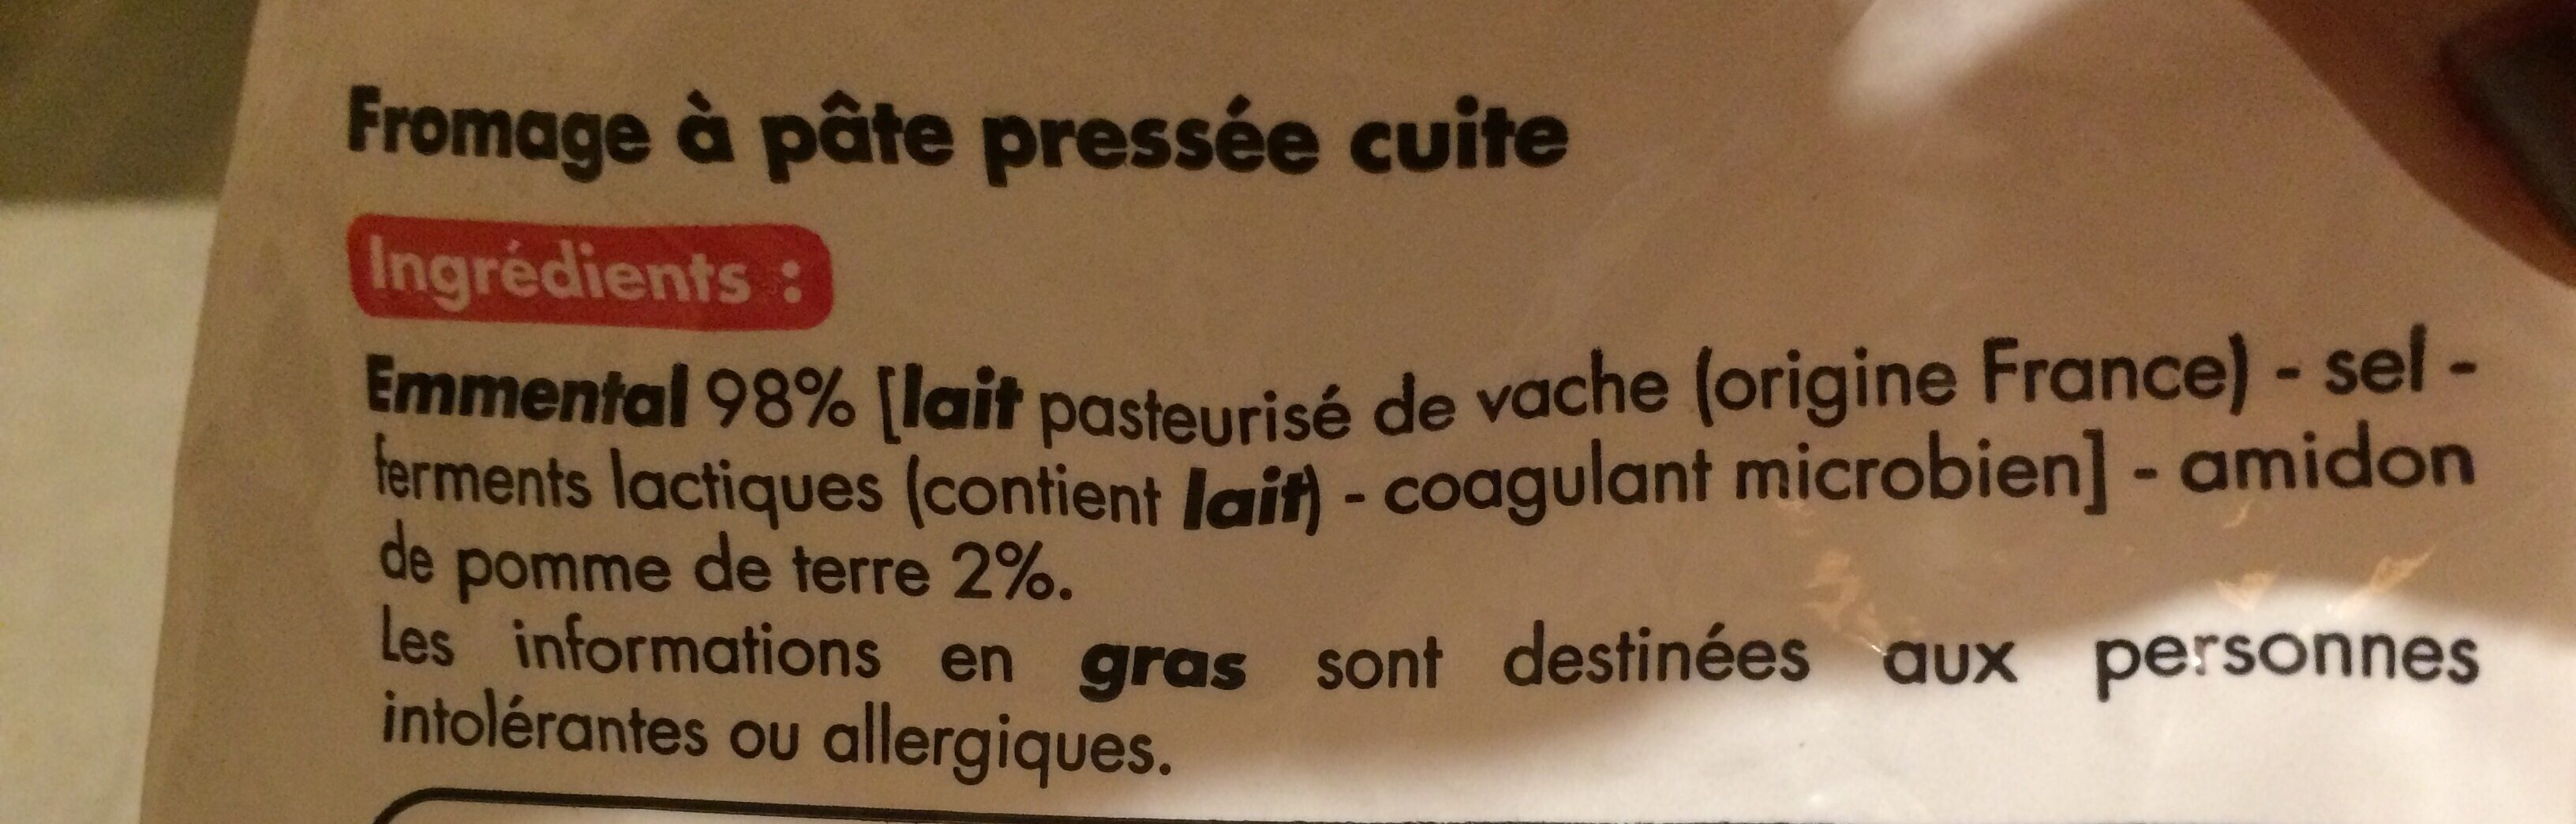 Emmental râpé - Ingredients - fr